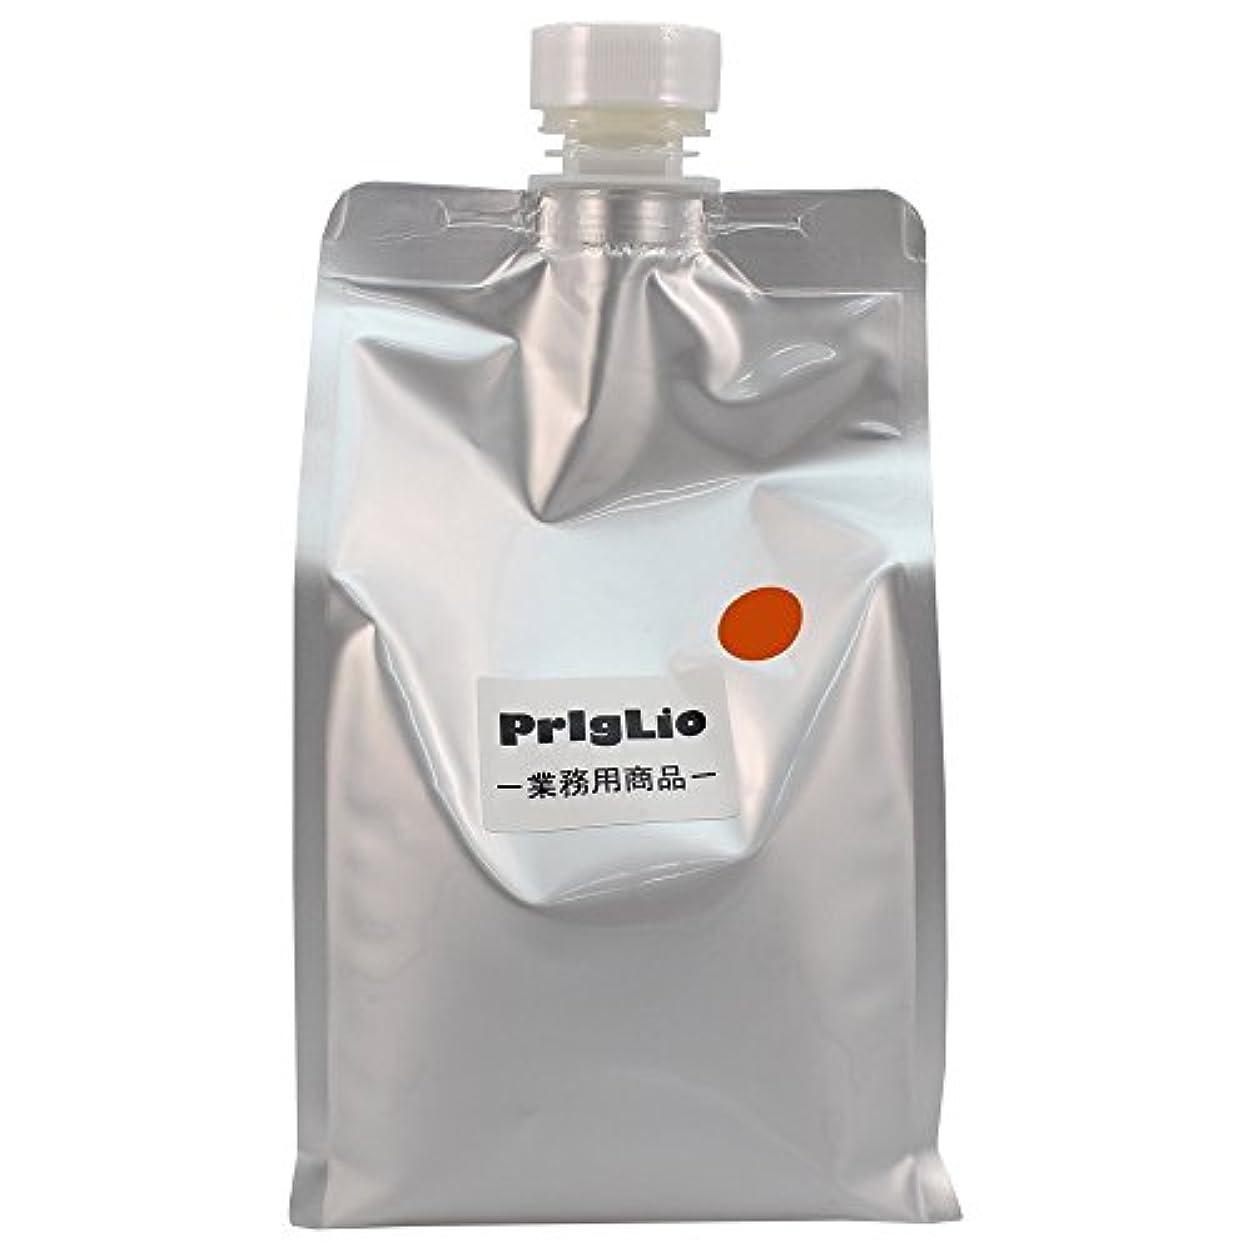 リングバック夜間お世話になったプリグリオD ヘアサプリメント オレンジ 900ml